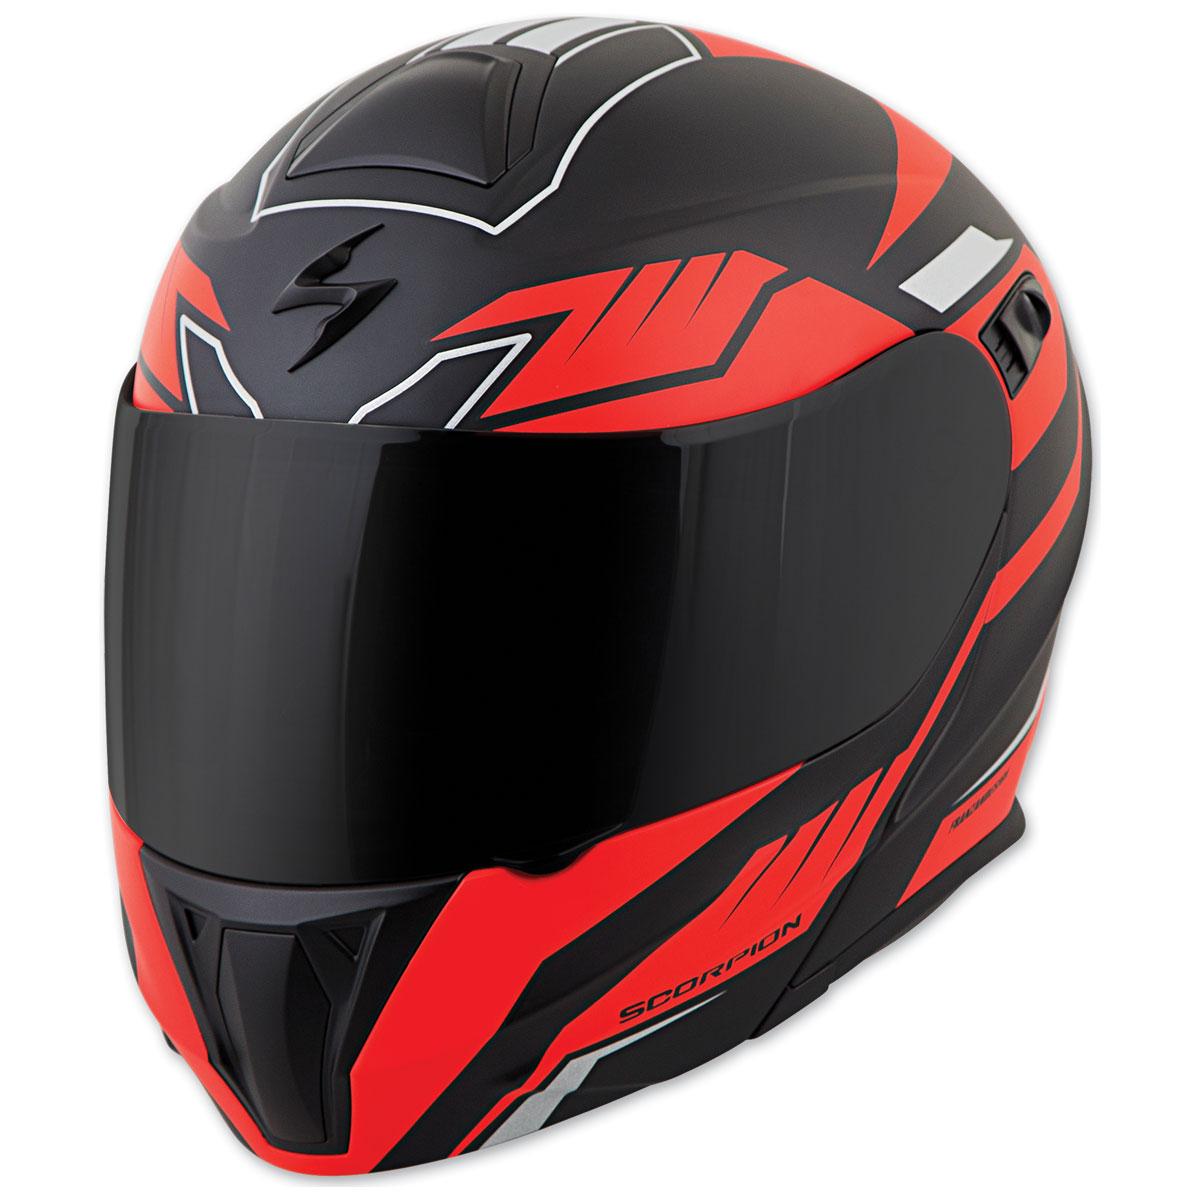 Scorpion EXO EXO-GT920 Shuttle Black/Red Modular Helmet